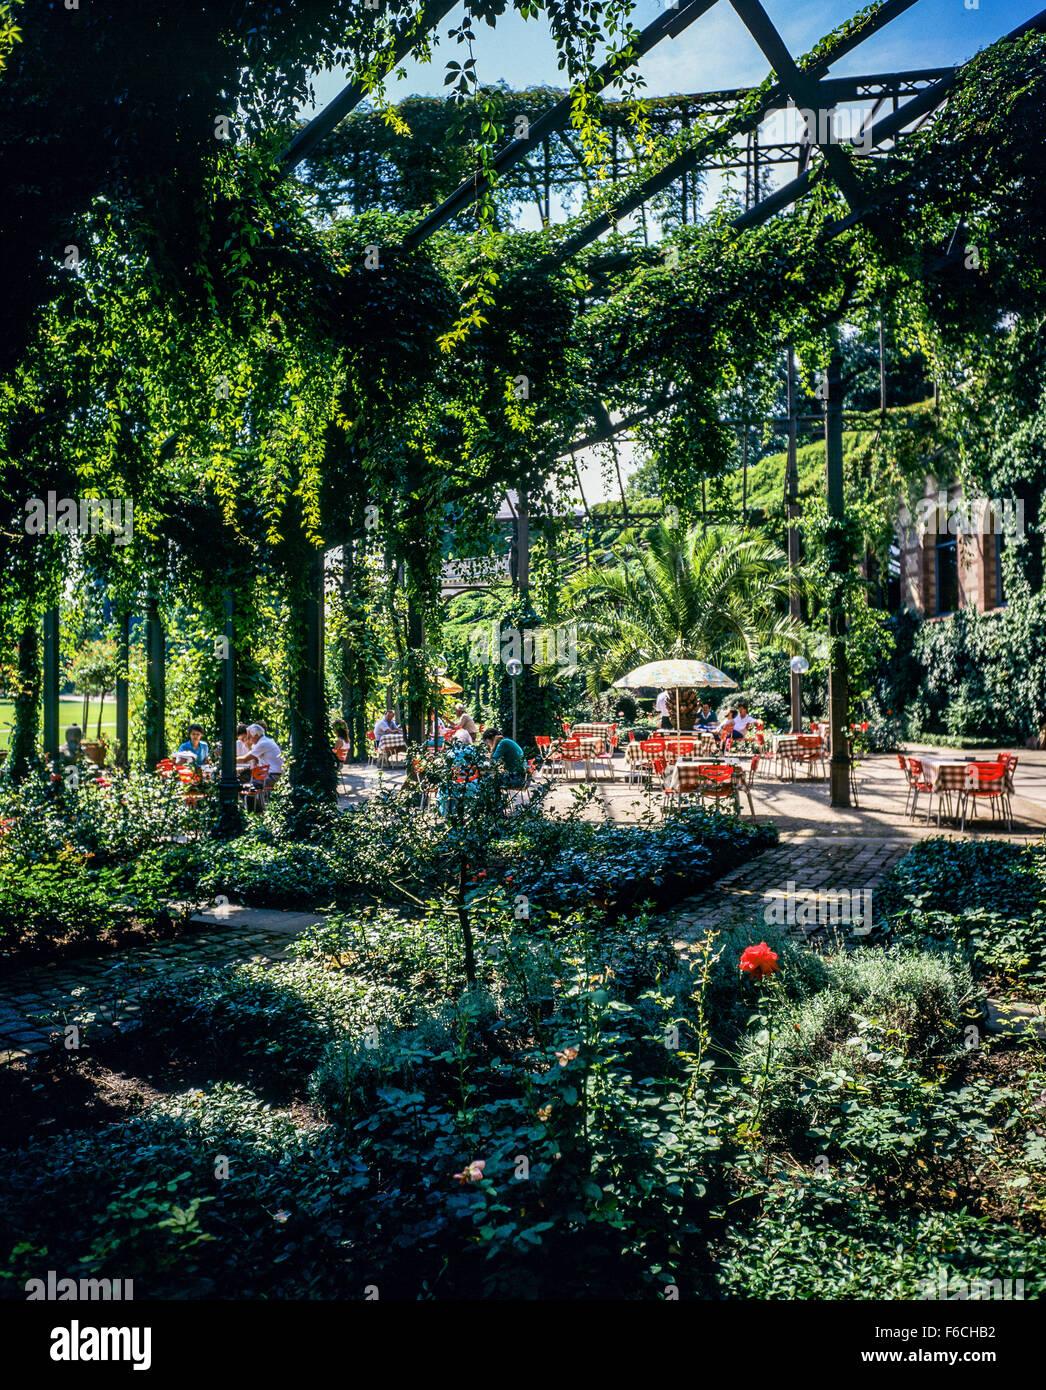 Cafe Terrace Inside Greenhouse Botanischer Garten Botanical Stock